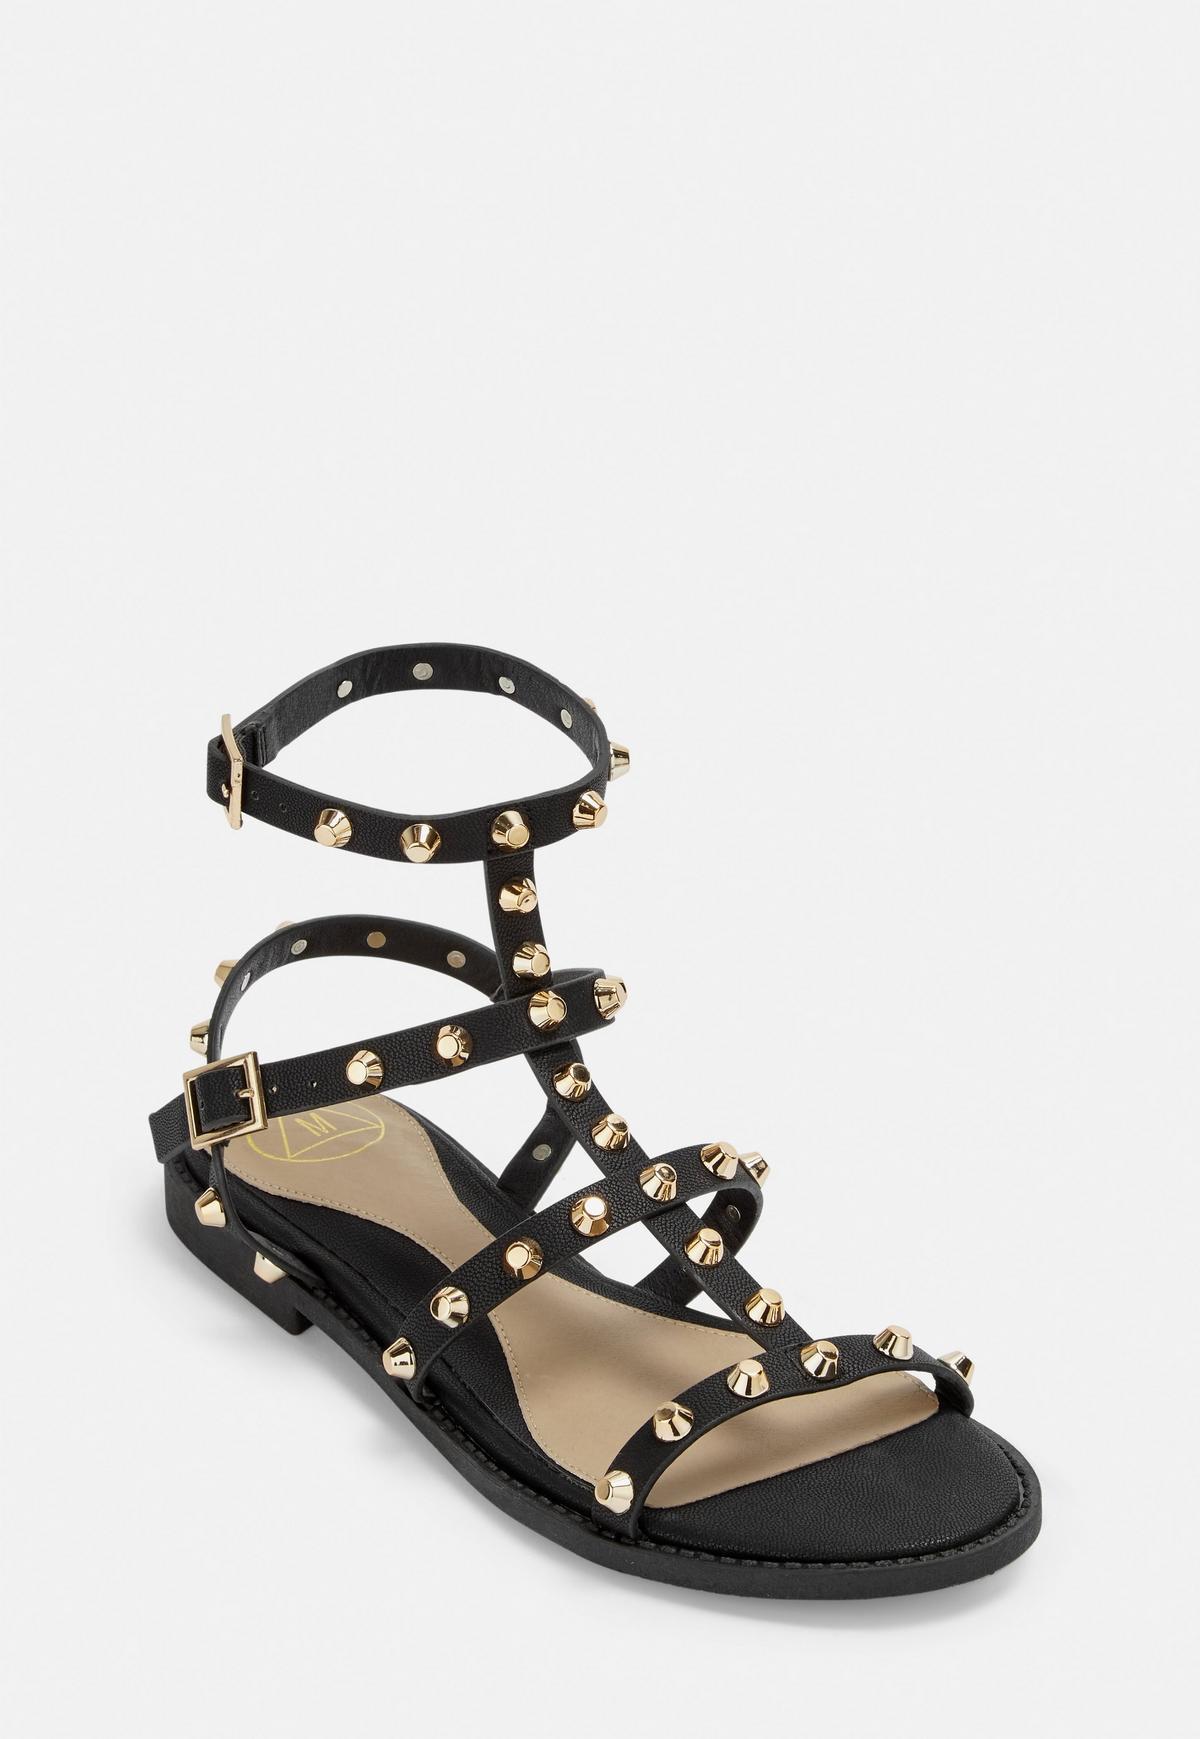 Camel Gladiator Sandals   Camel Sandals   Camel Shoes